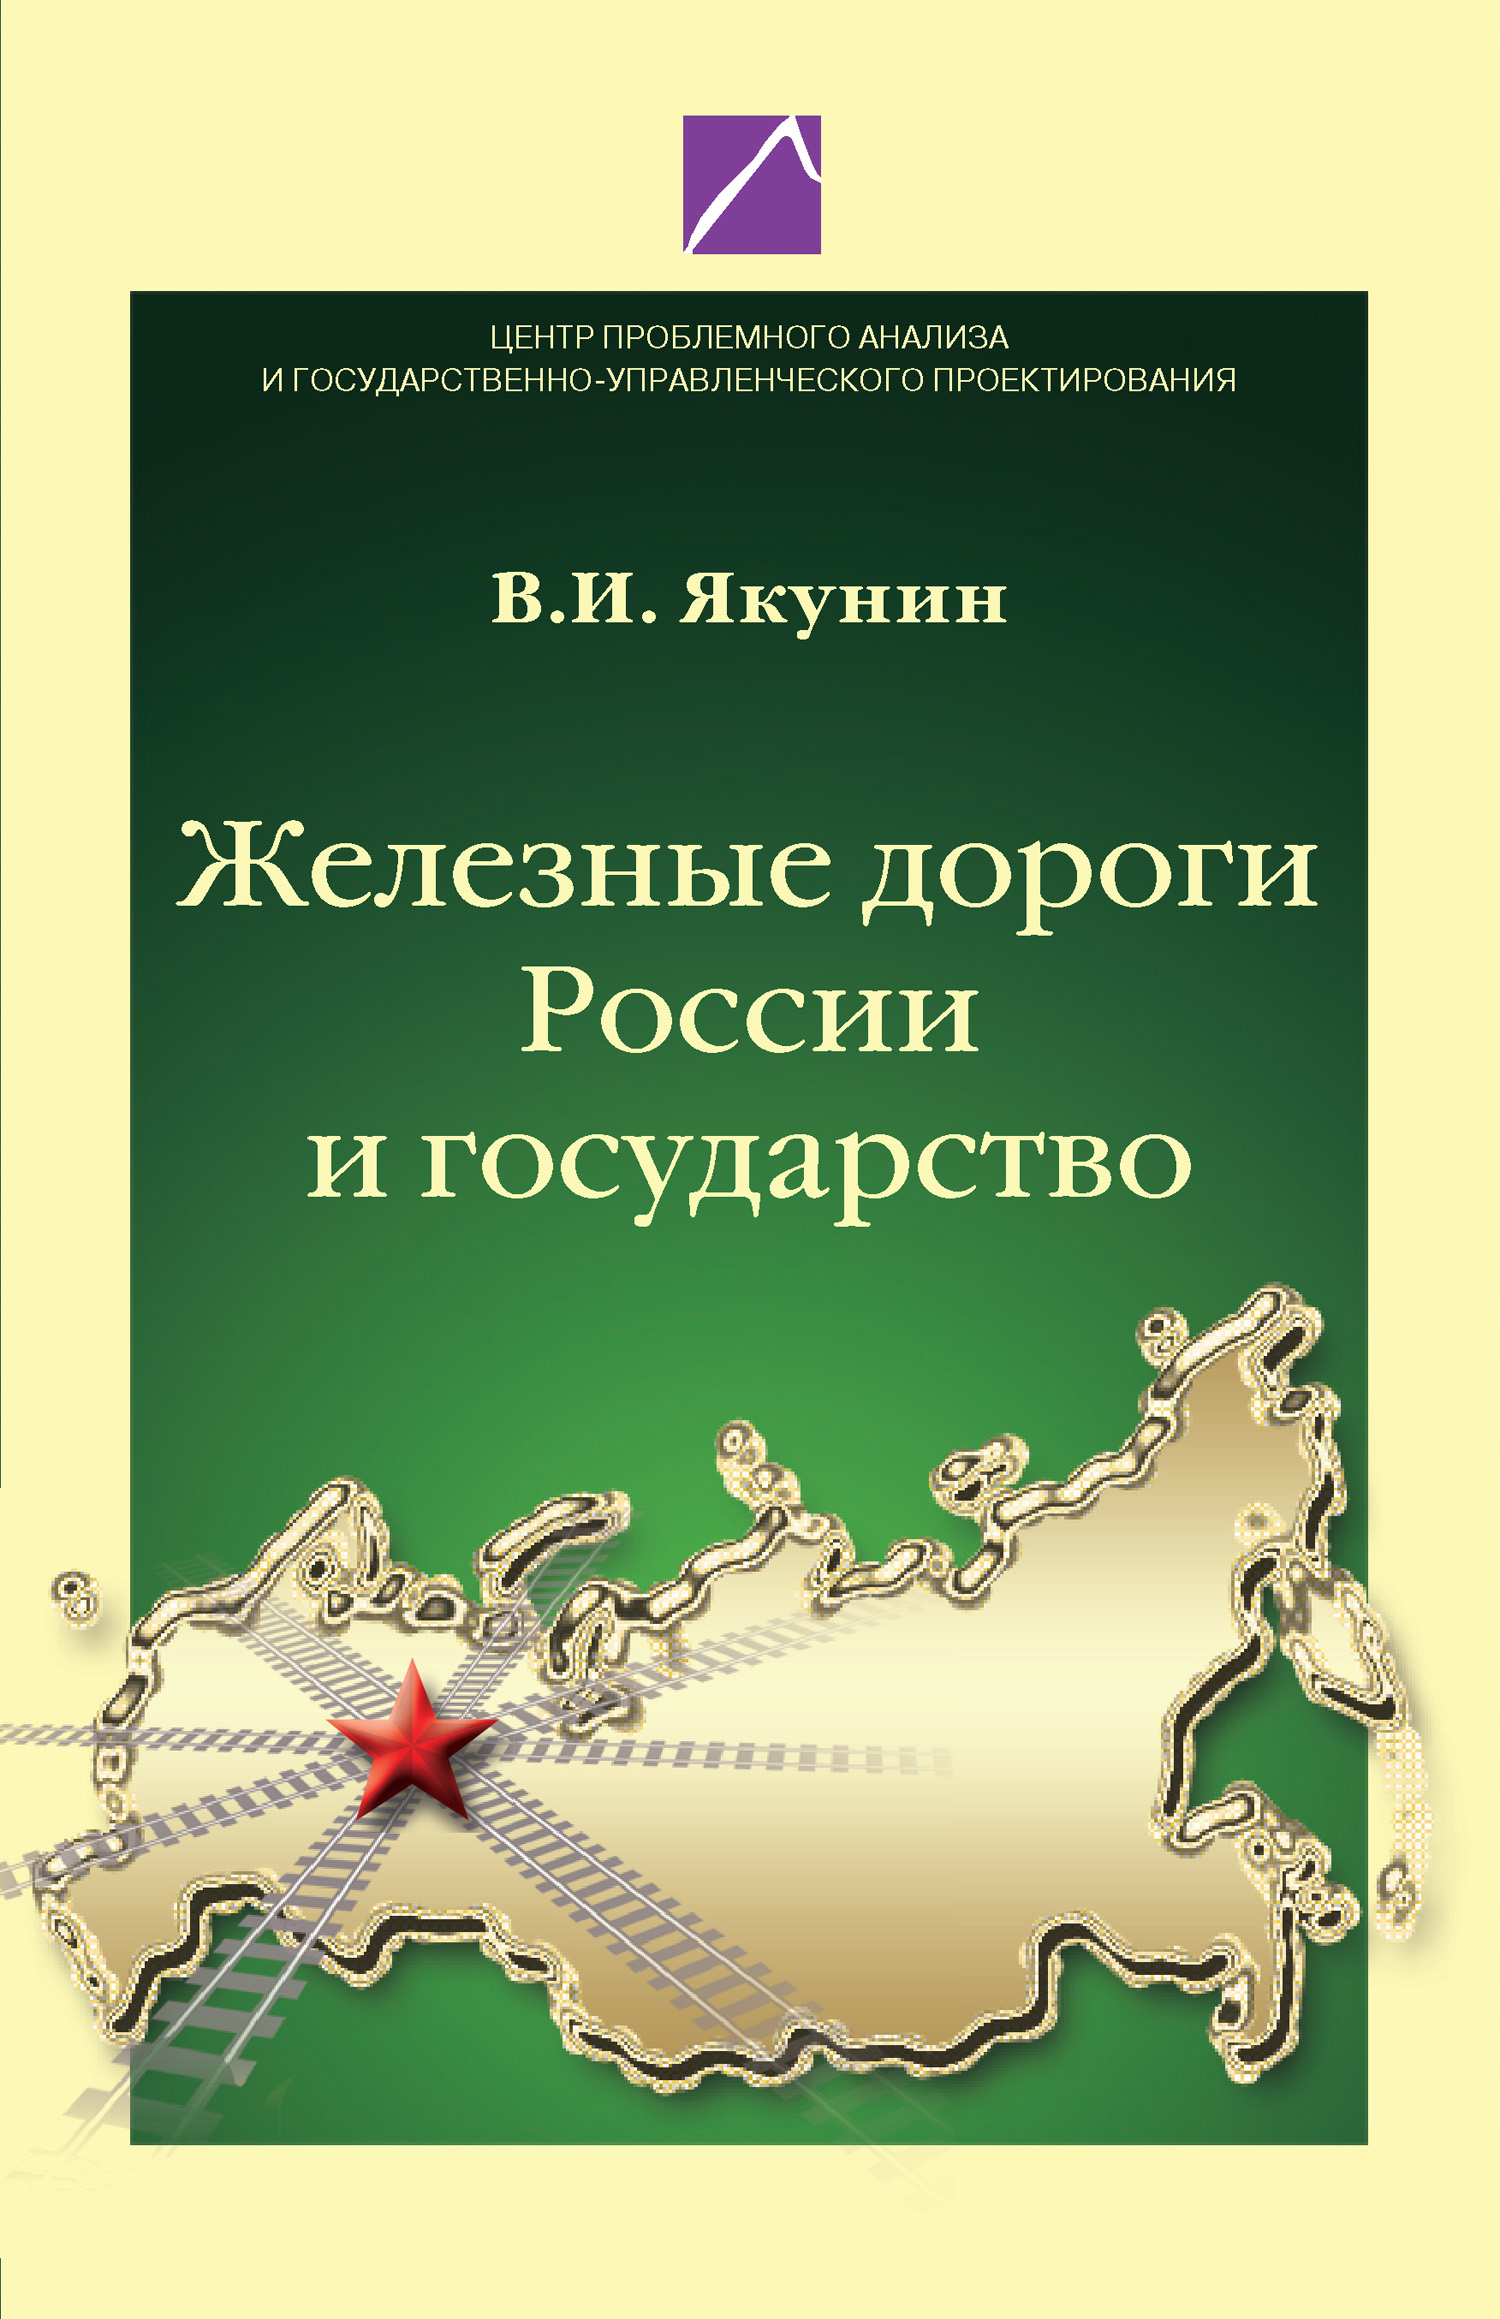 В. И. Якунин Железные дороги России и государство в и якунин железные дороги россии и государство